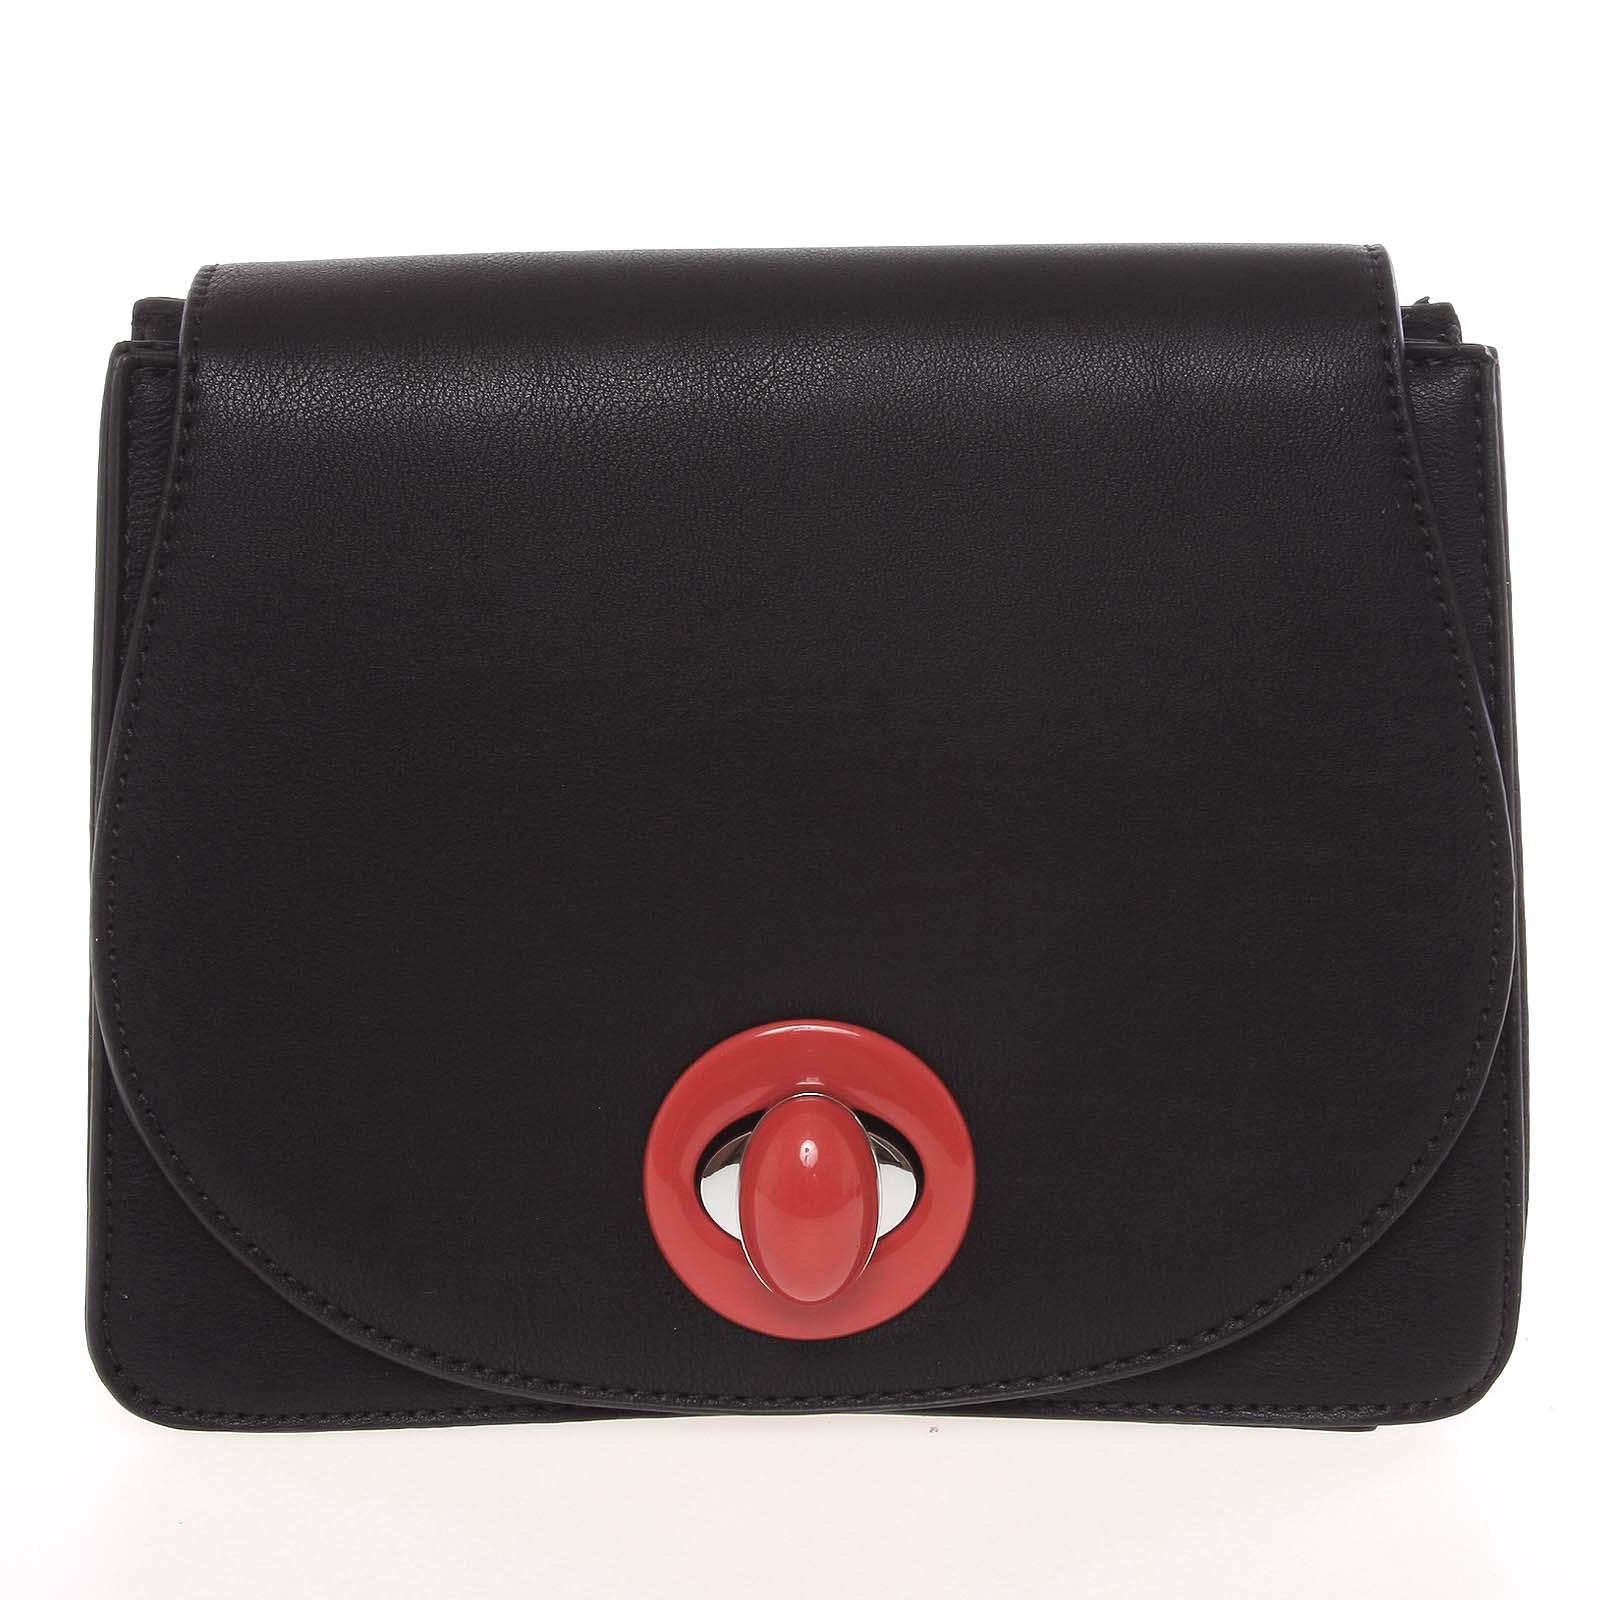 Moderní pevná dámská crossbody kabelka černá - Silvia Rosa Stacey